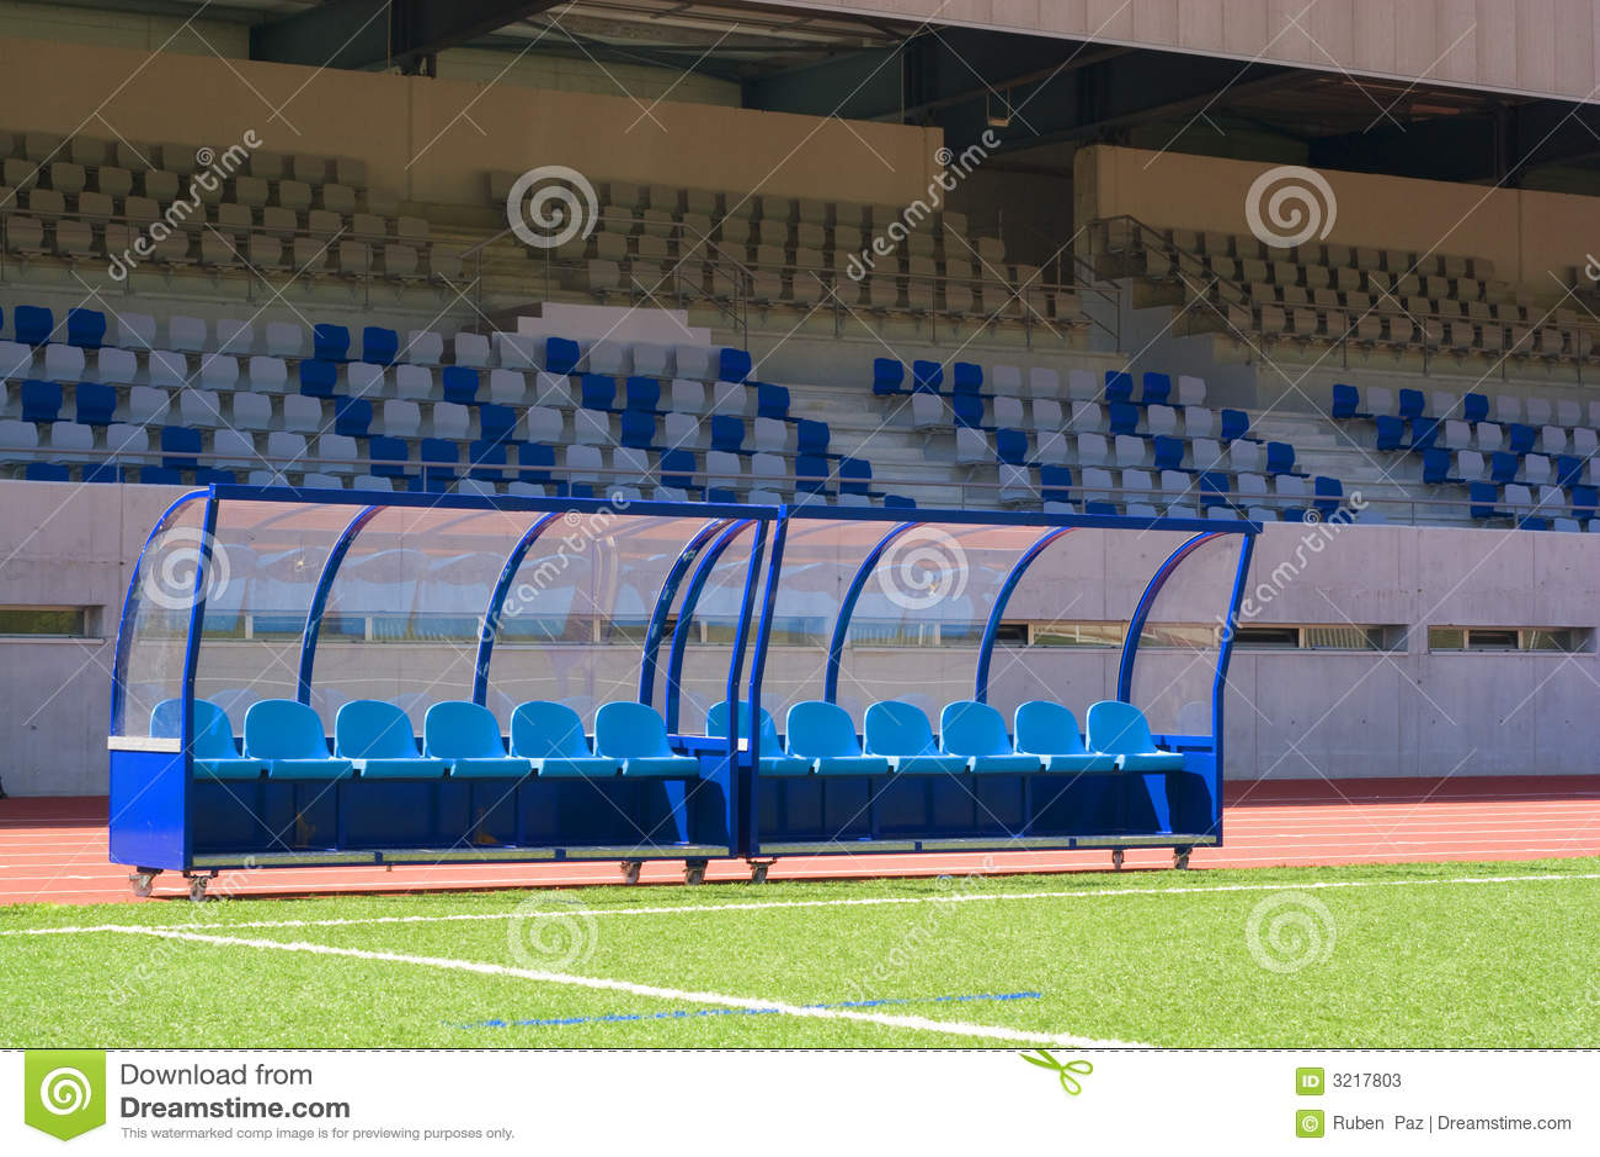 Bench Soccer Stock Photos Image 3217803